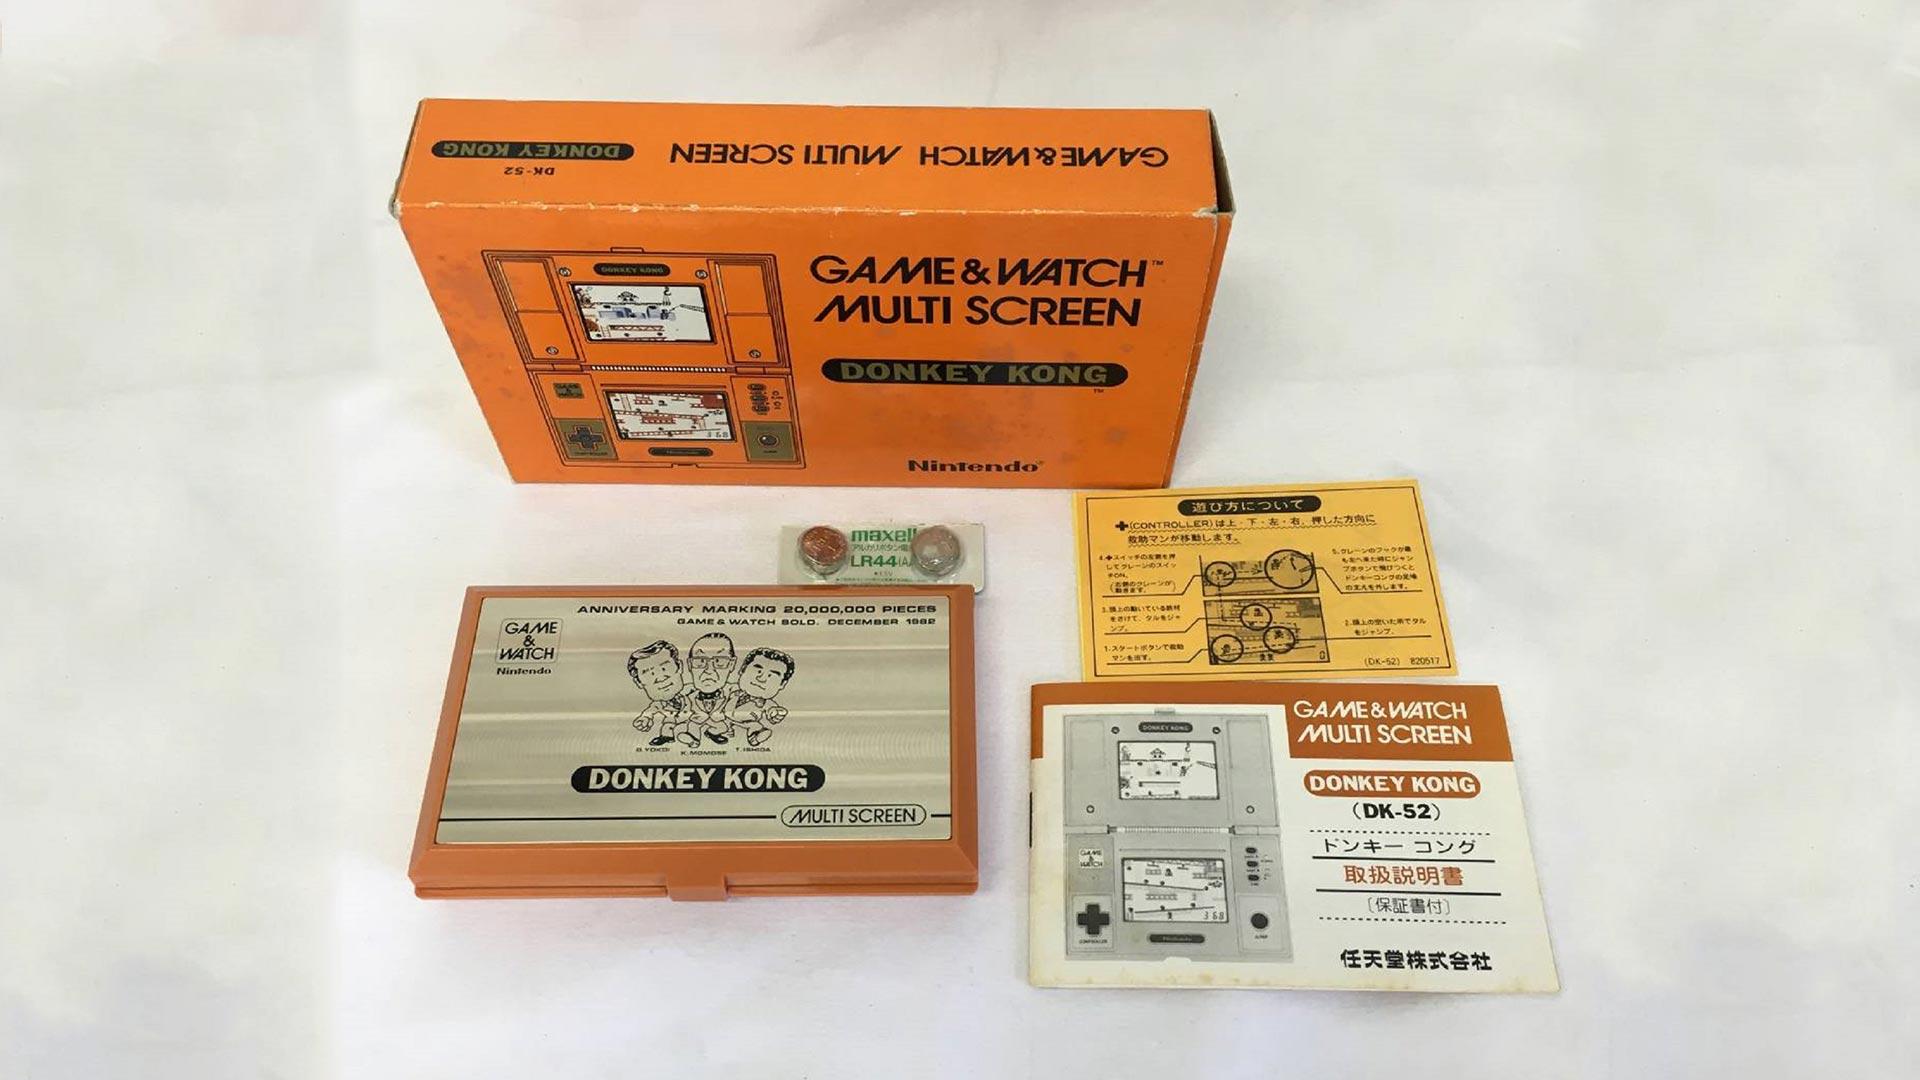 Sehr seltener Game & Watch zu einem niedrigen Preis verkauft